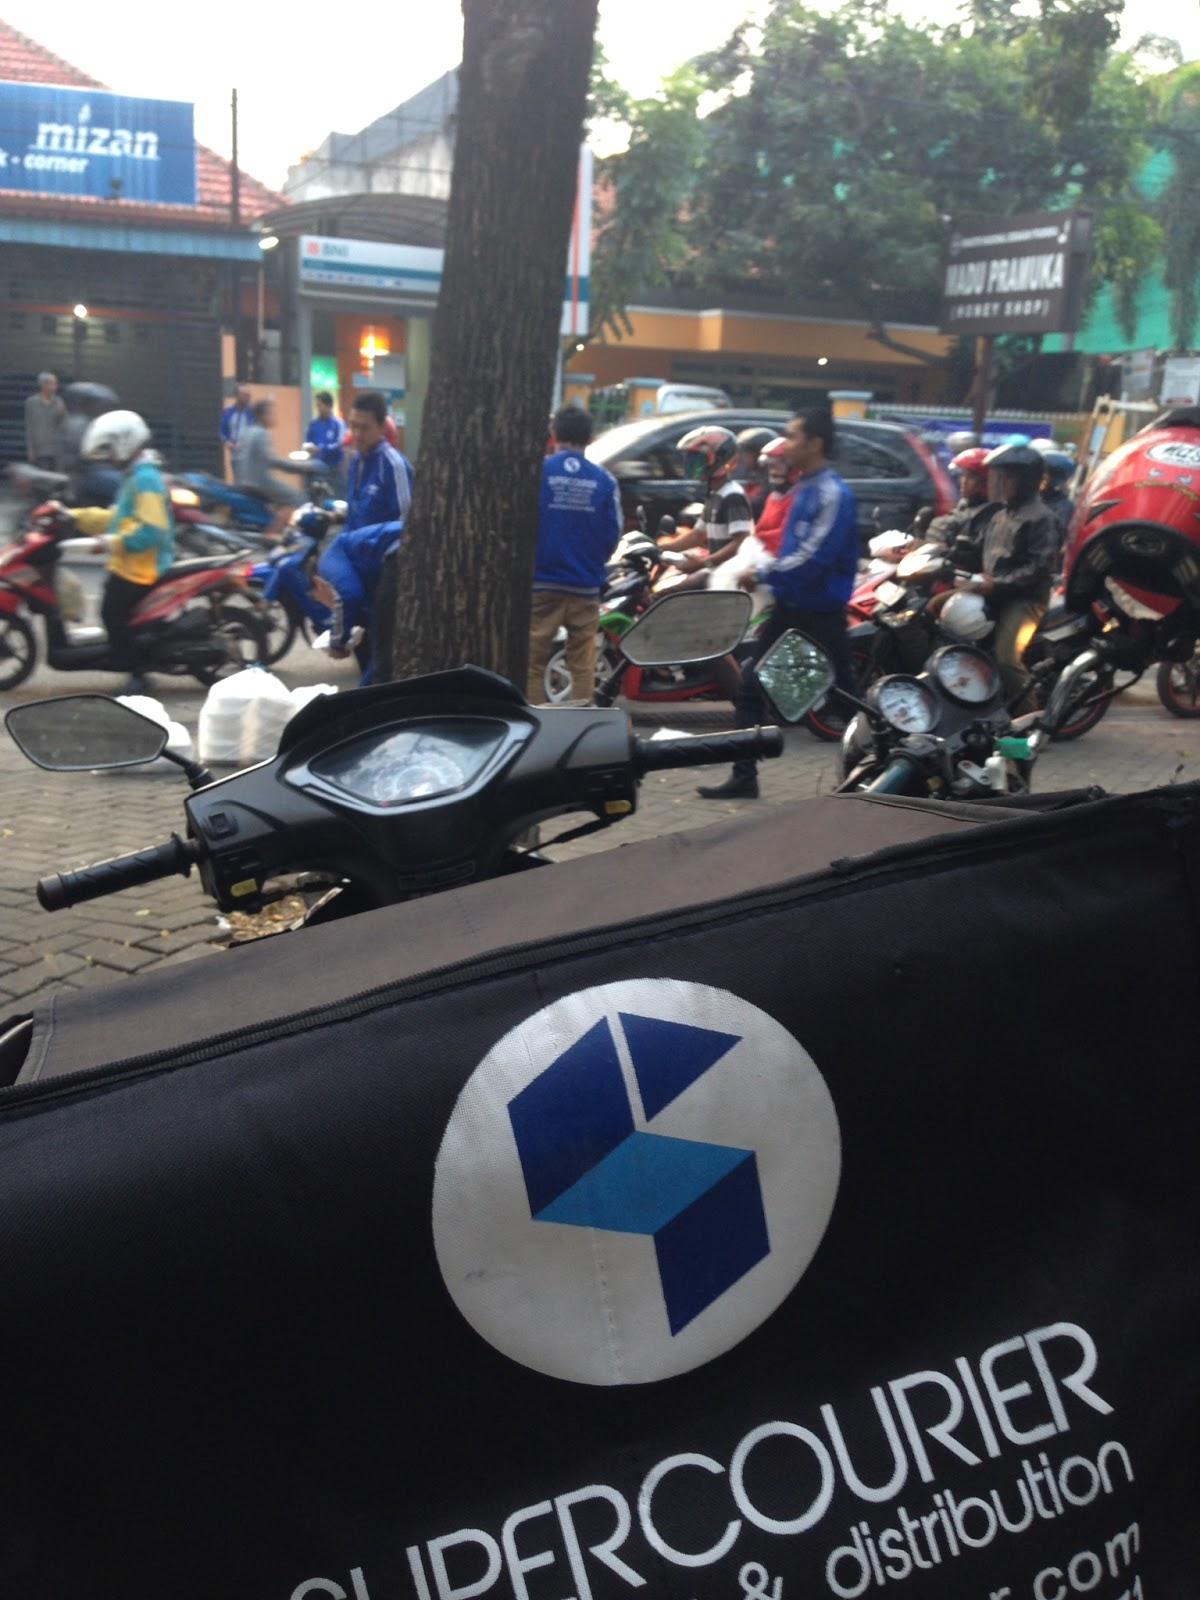 Jasa Kurir Surabaya Jasa Kurir Sidoarjo Jasa Kurir Surabaya